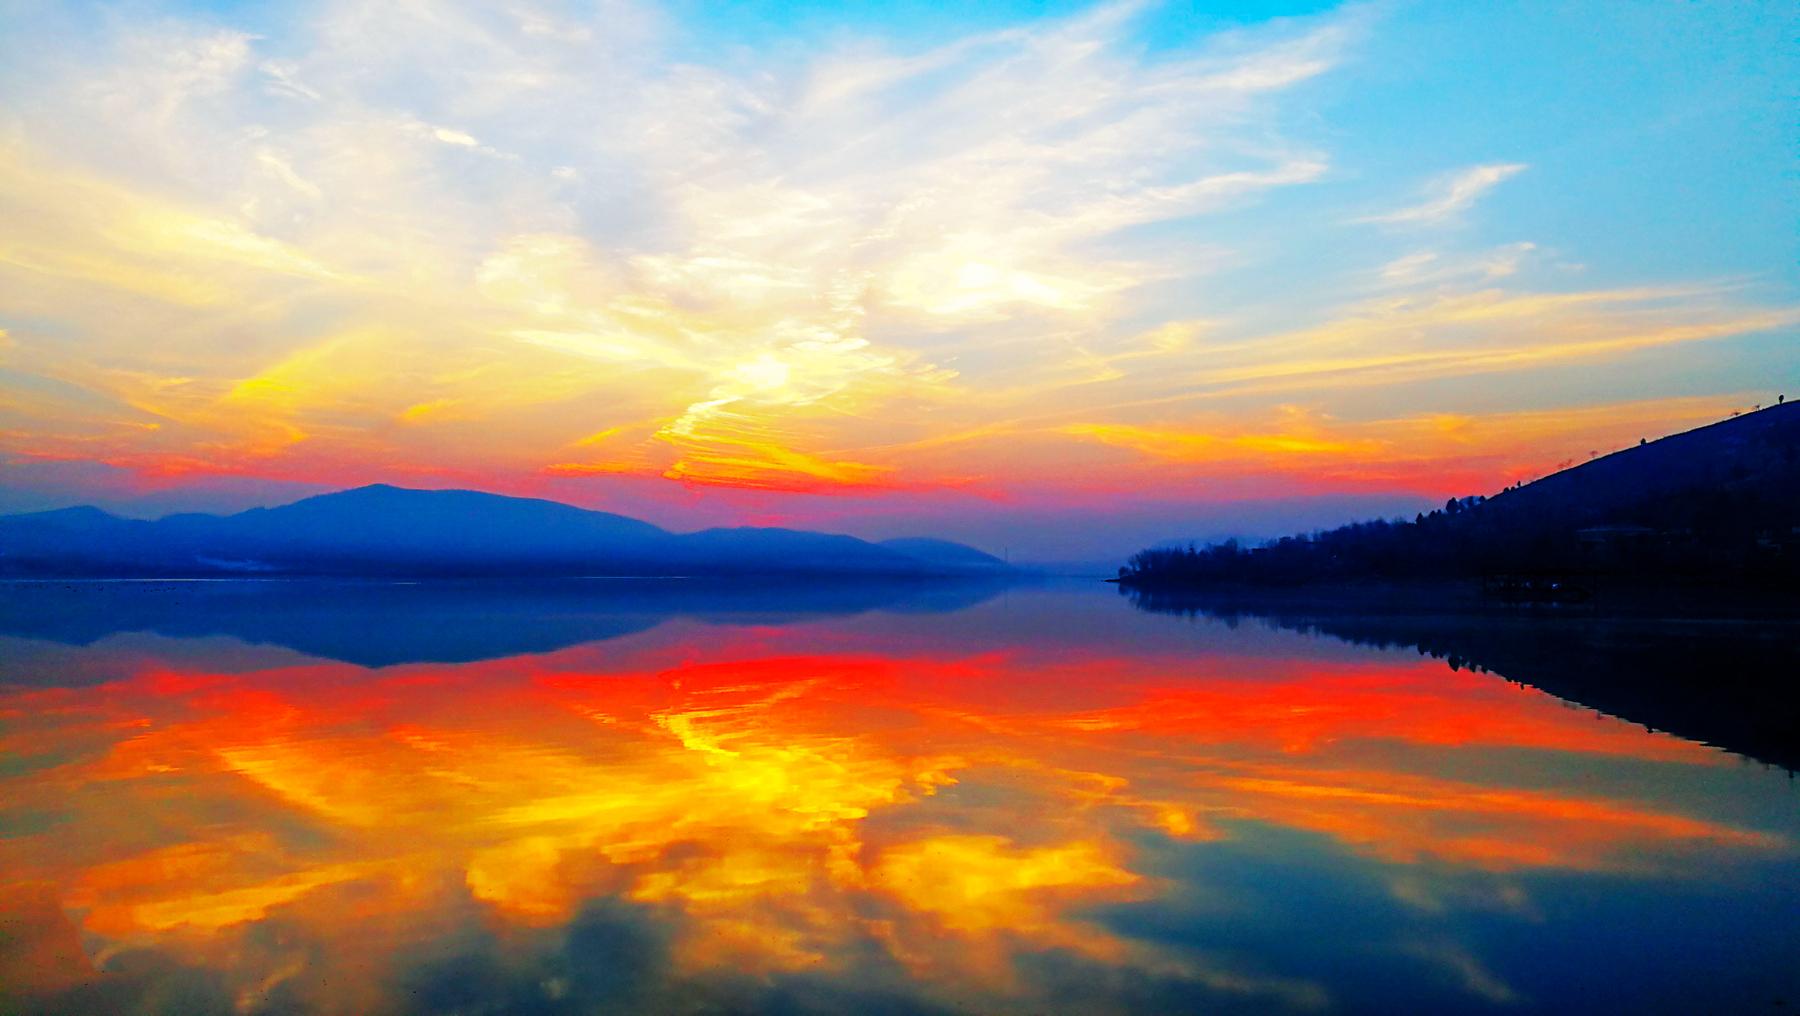 湖光掠影 HUAWEI v9 摄于2018年12月18日山东新泰光明湖